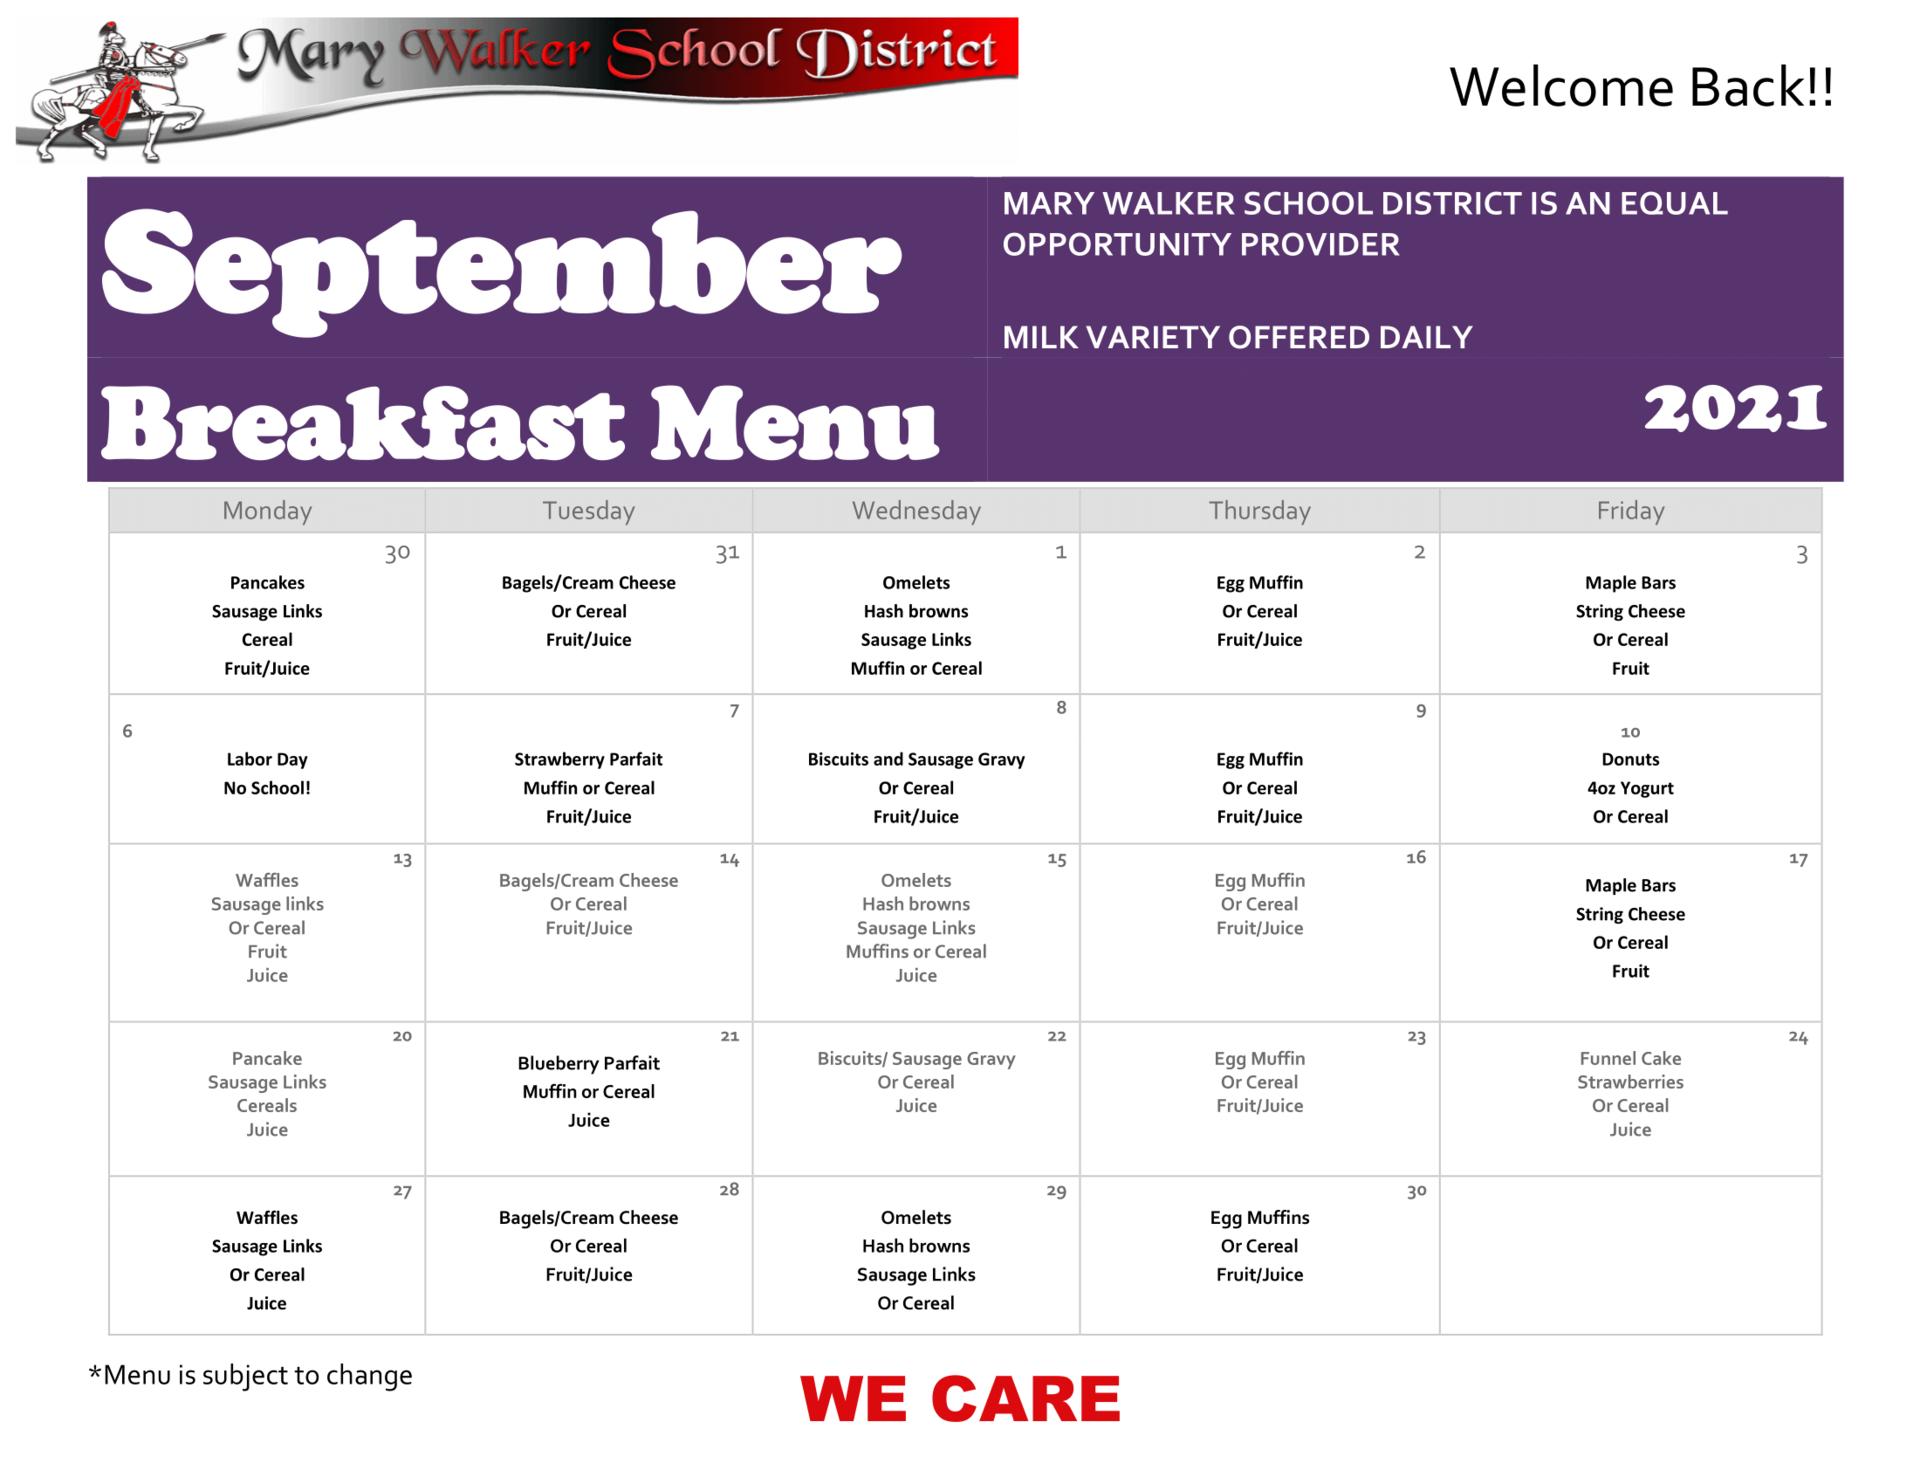 Image of September 2021 Breakfast Menu